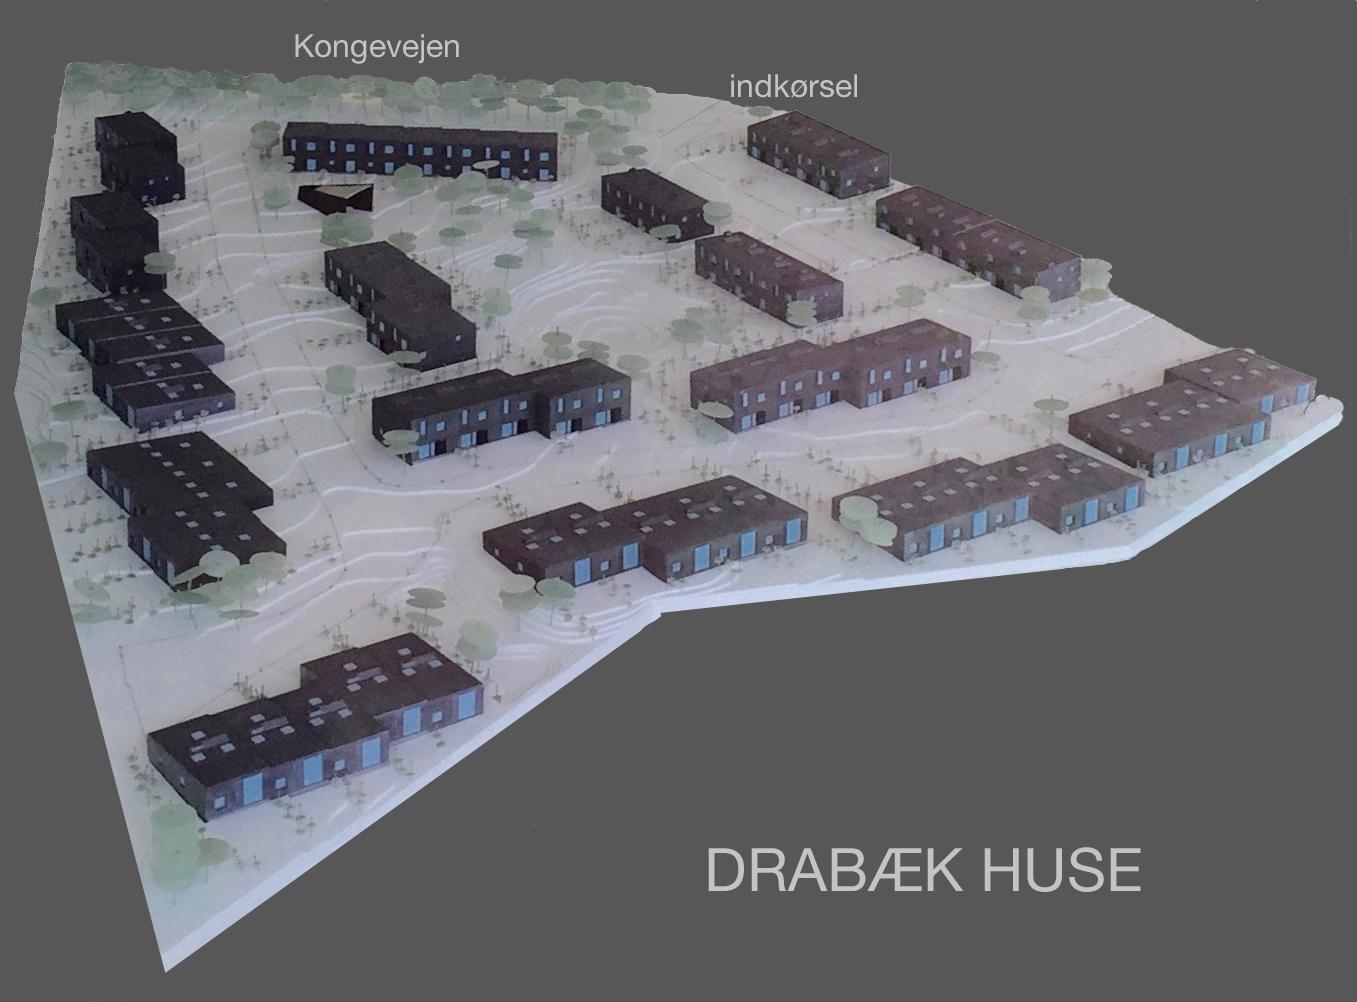 Bonavas model af Drabæk Huse. Den  viser meget tydeligt, hvilke huse der er i et plan og hvilke der er i to etager. Foto:AOB